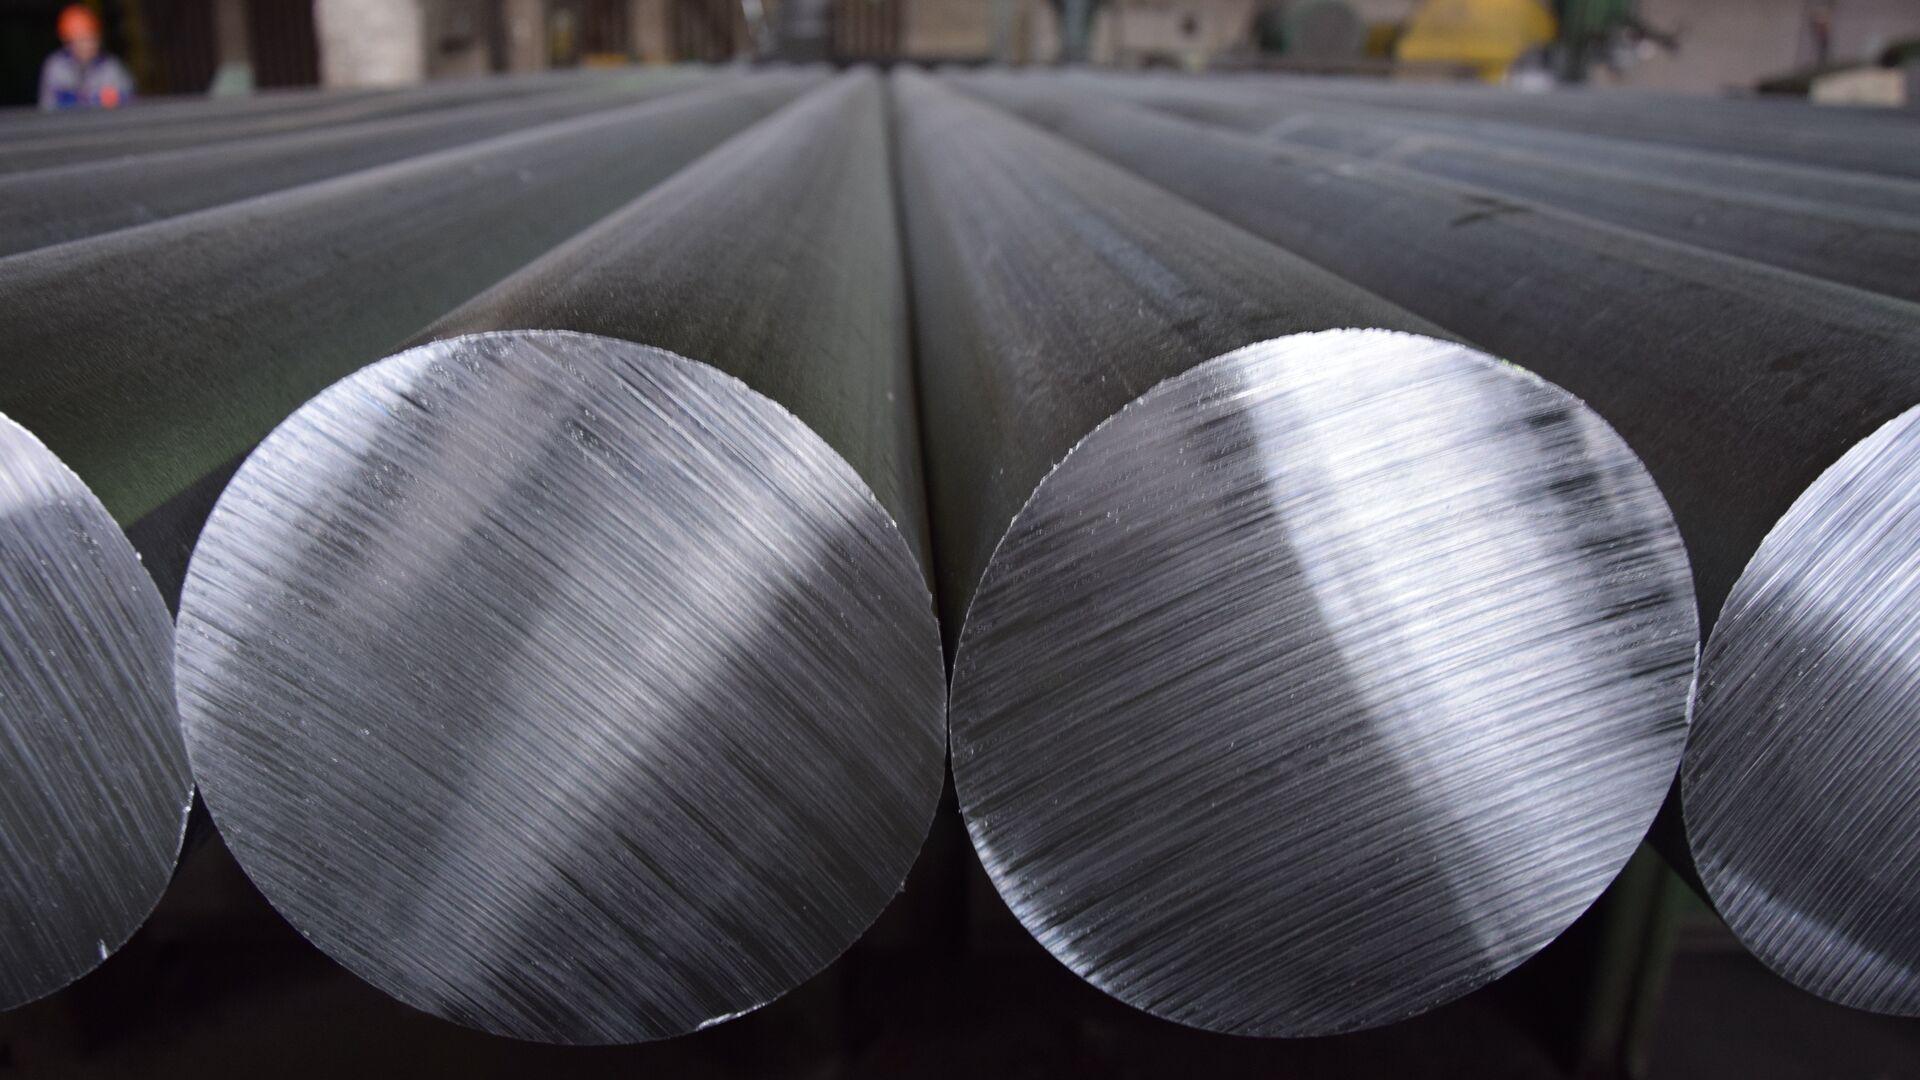 Aluminio (imagen referencial) - Sputnik Mundo, 1920, 07.09.2021